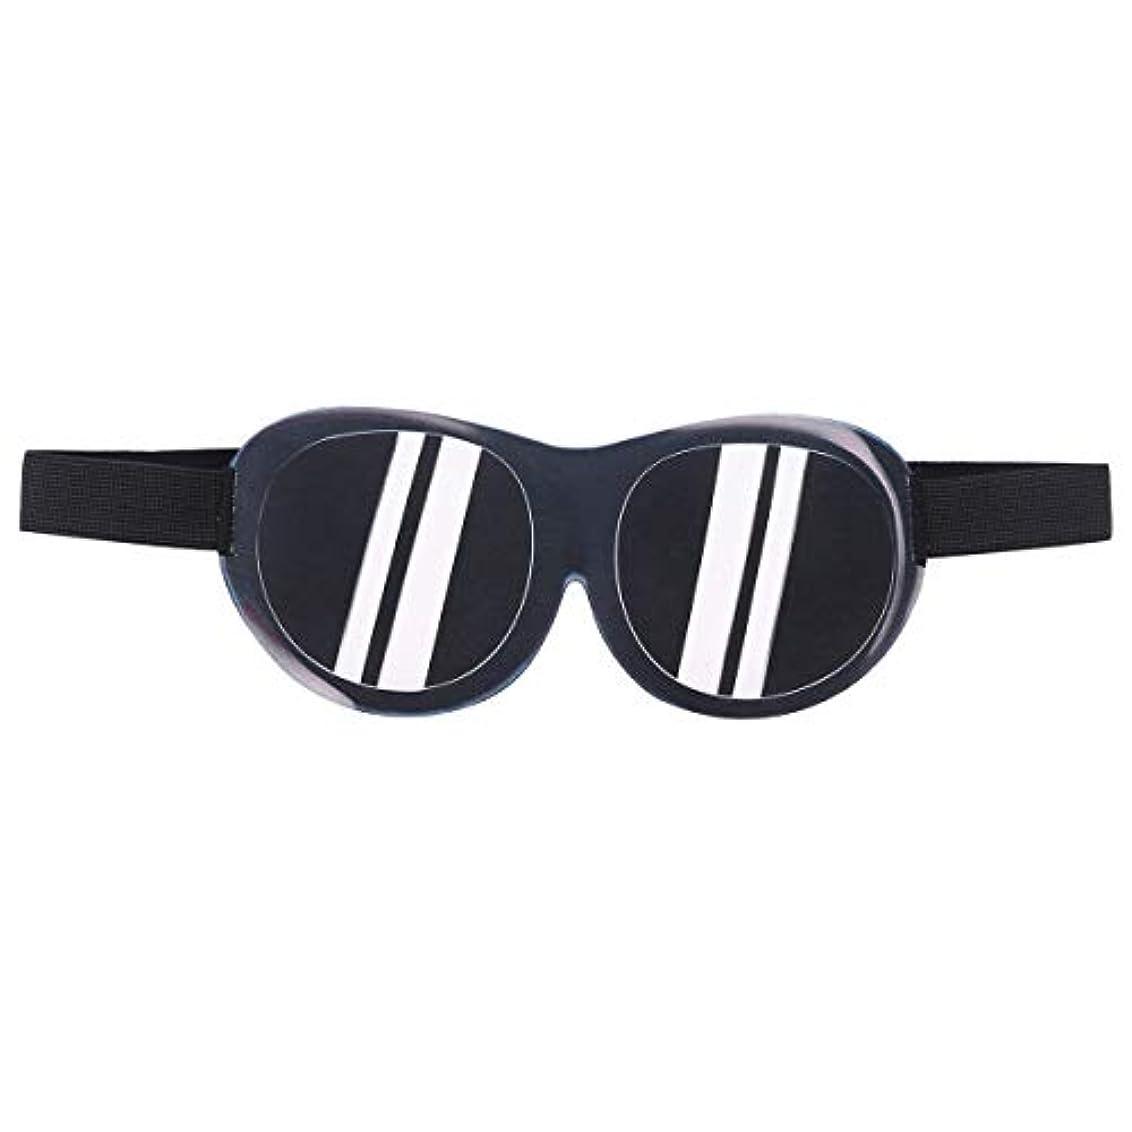 大胆なに対して指紋Healifty 睡眠目隠し3D面白いアイシェード通気性睡眠マスク旅行睡眠ヘルパーアイシェード用男性と女性